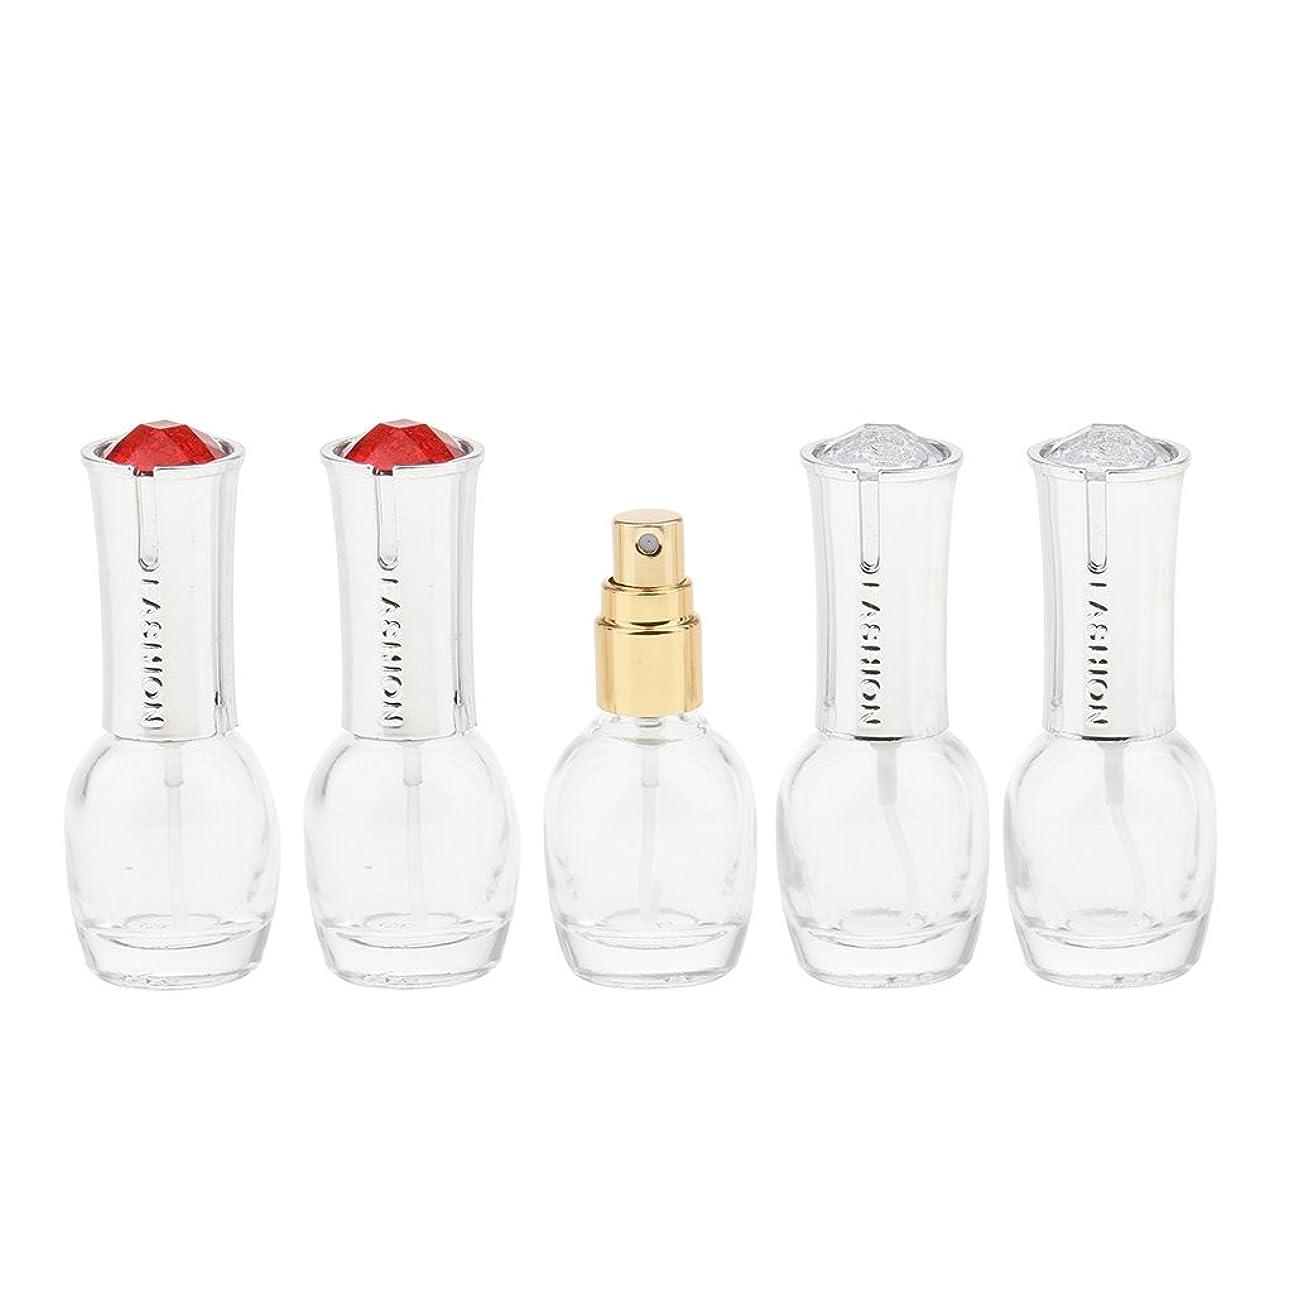 直径劣る愚かKesoto 5個 ガラス 香水ボトル 空のガラスエッセンシャル オイル 香水 アトマイザー スプレーボトル 10ml 旅行